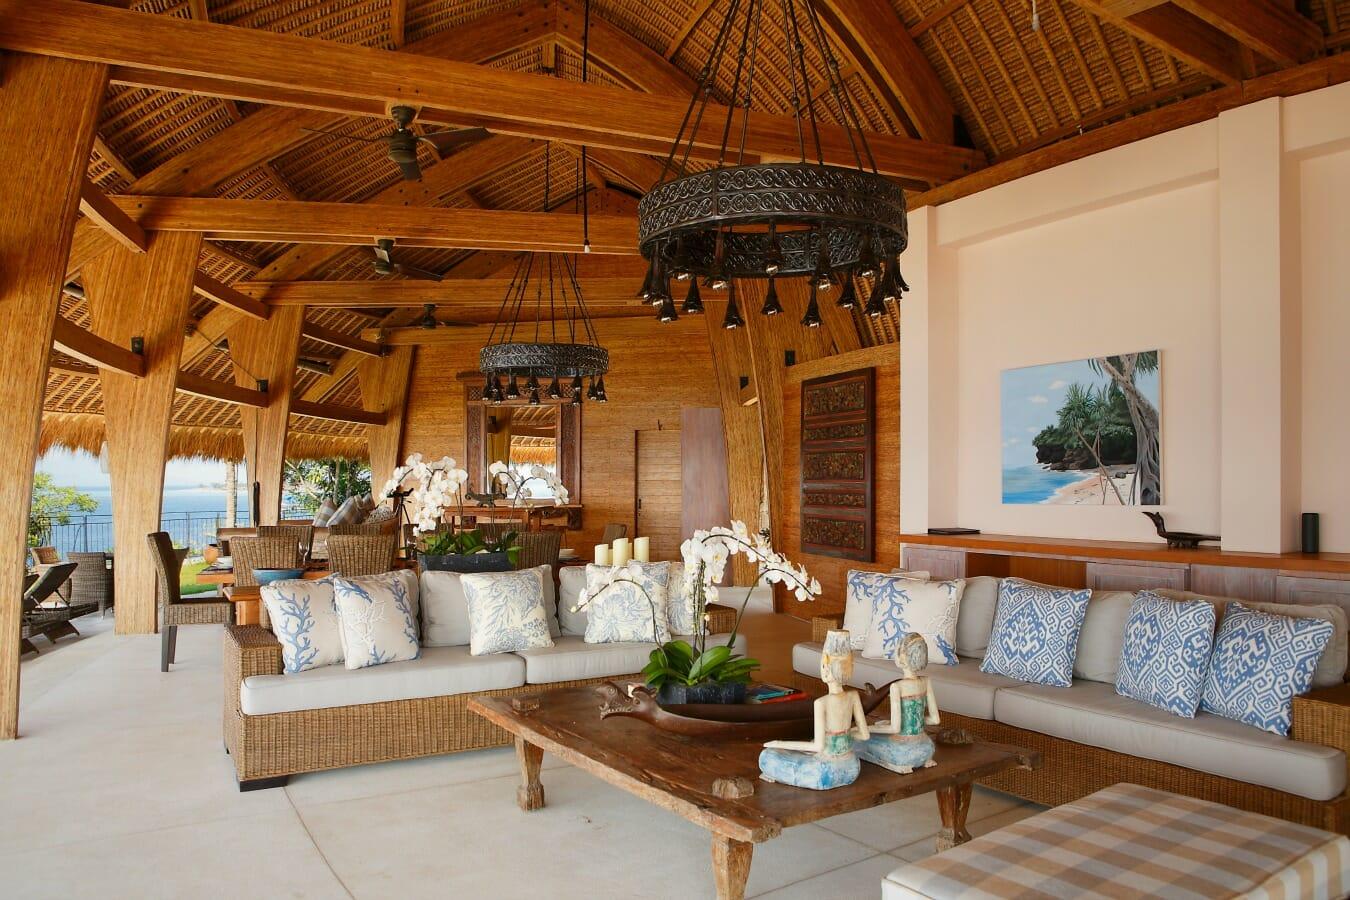 Tanjung Villa, Villa Tanjung. Luxury Villa. Nusa Lembongan Accommodation, Luxury Villa Bali, Bali Villa, Beachfront Villa, Nusa Lembongan Villa